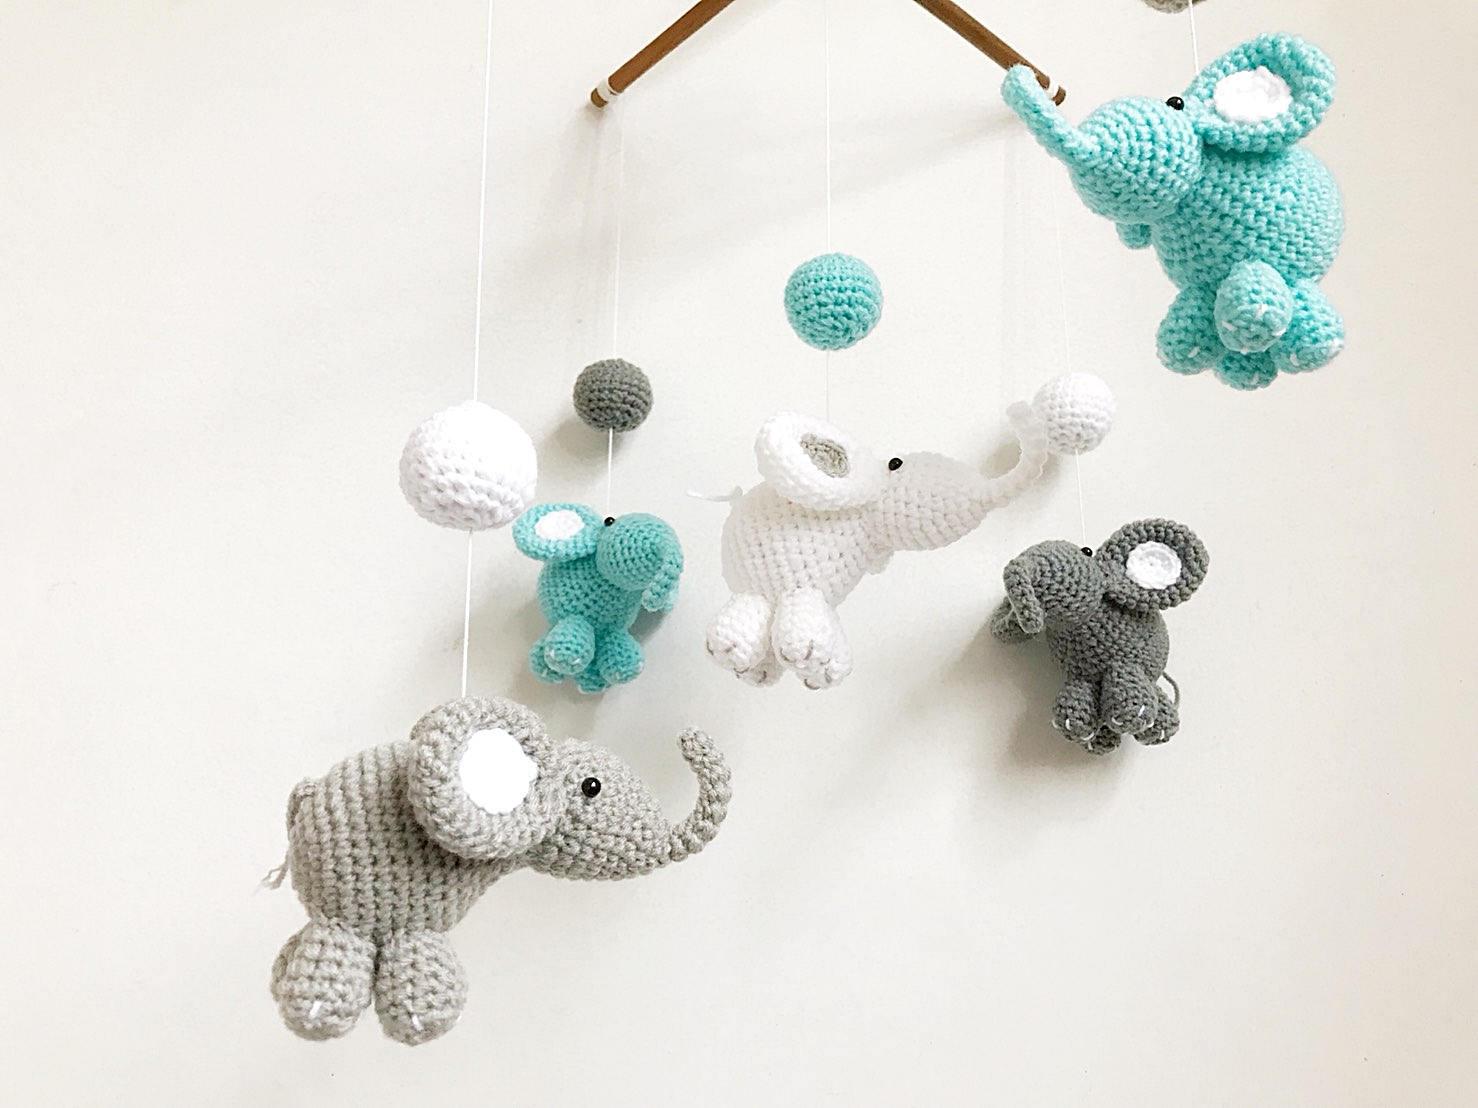 Amigurumi Sheep Baby Mobile : Baby mobile thai elephant crochet baby mobilecrib mobile